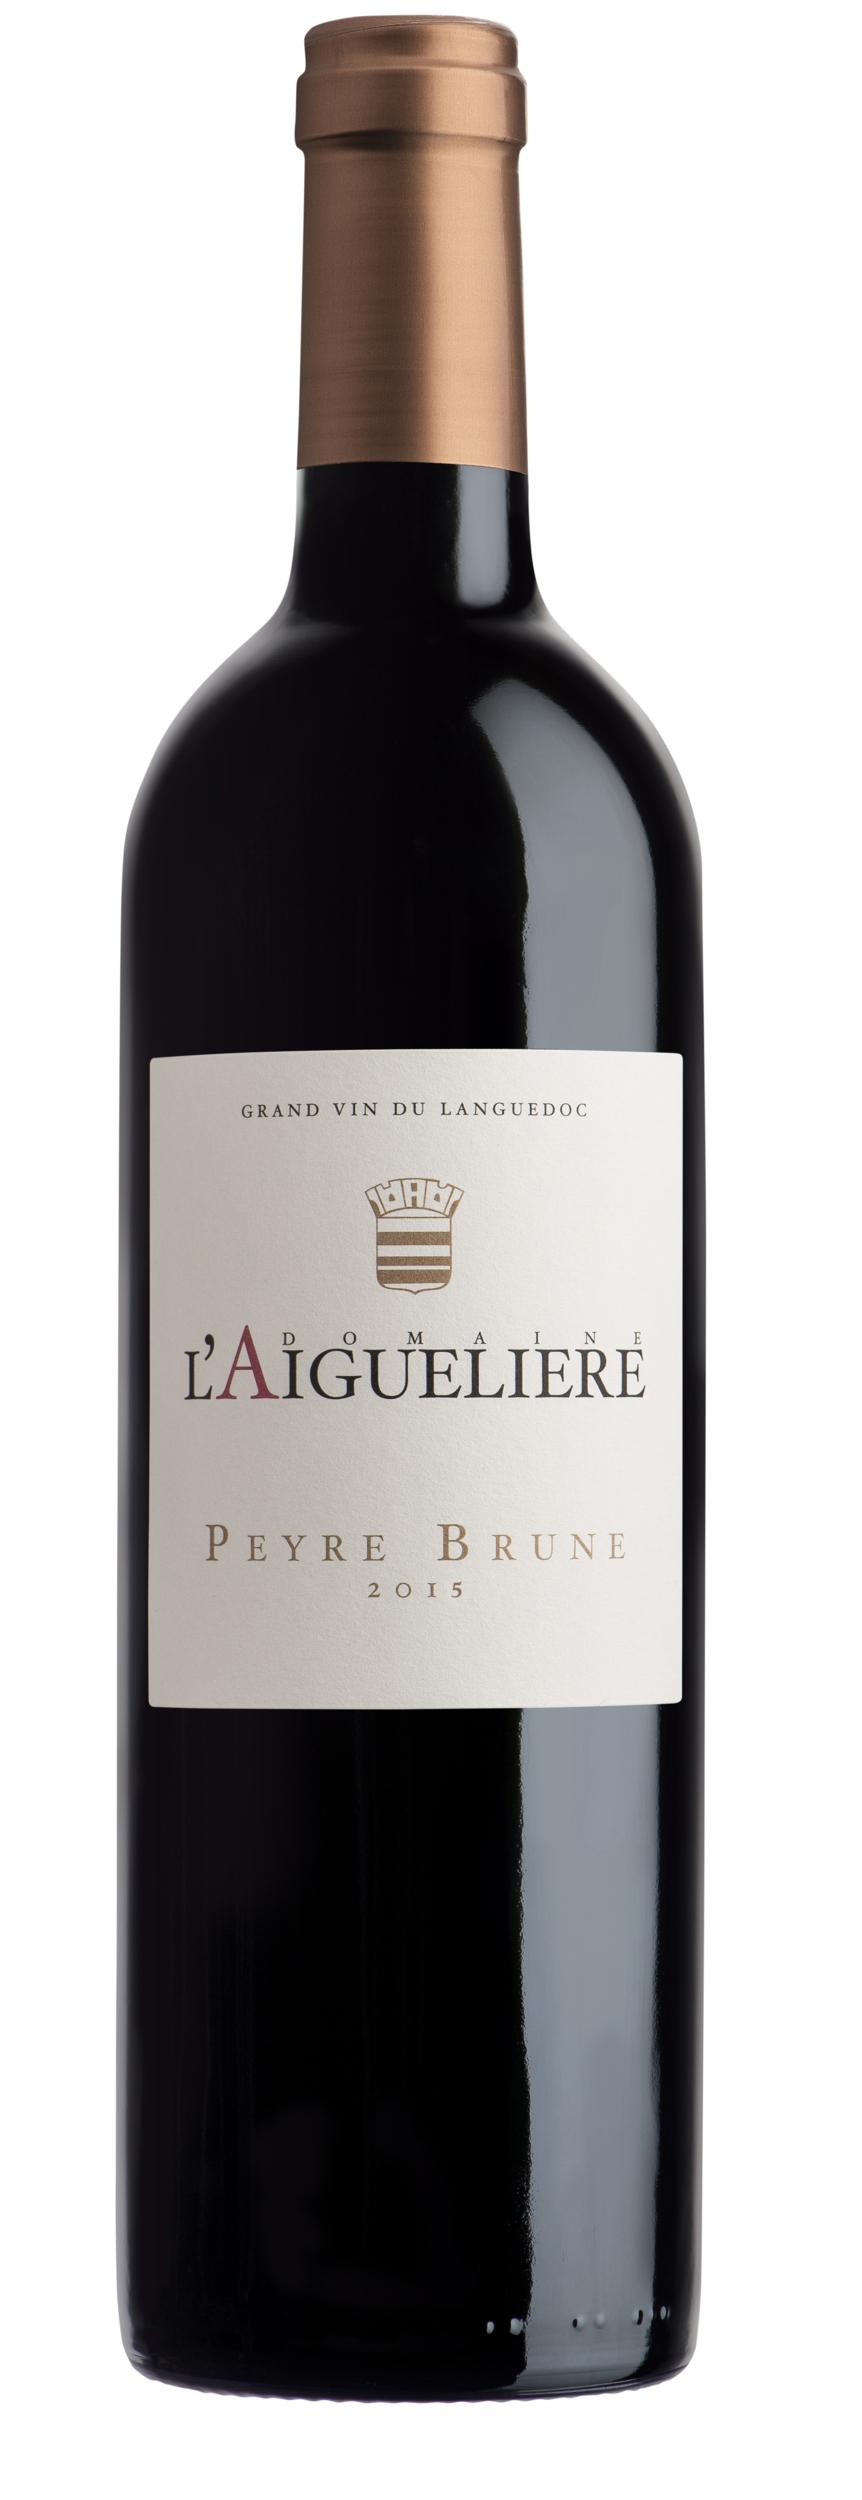 Peyre Brune 2015 (carton de 6 bouteilles)